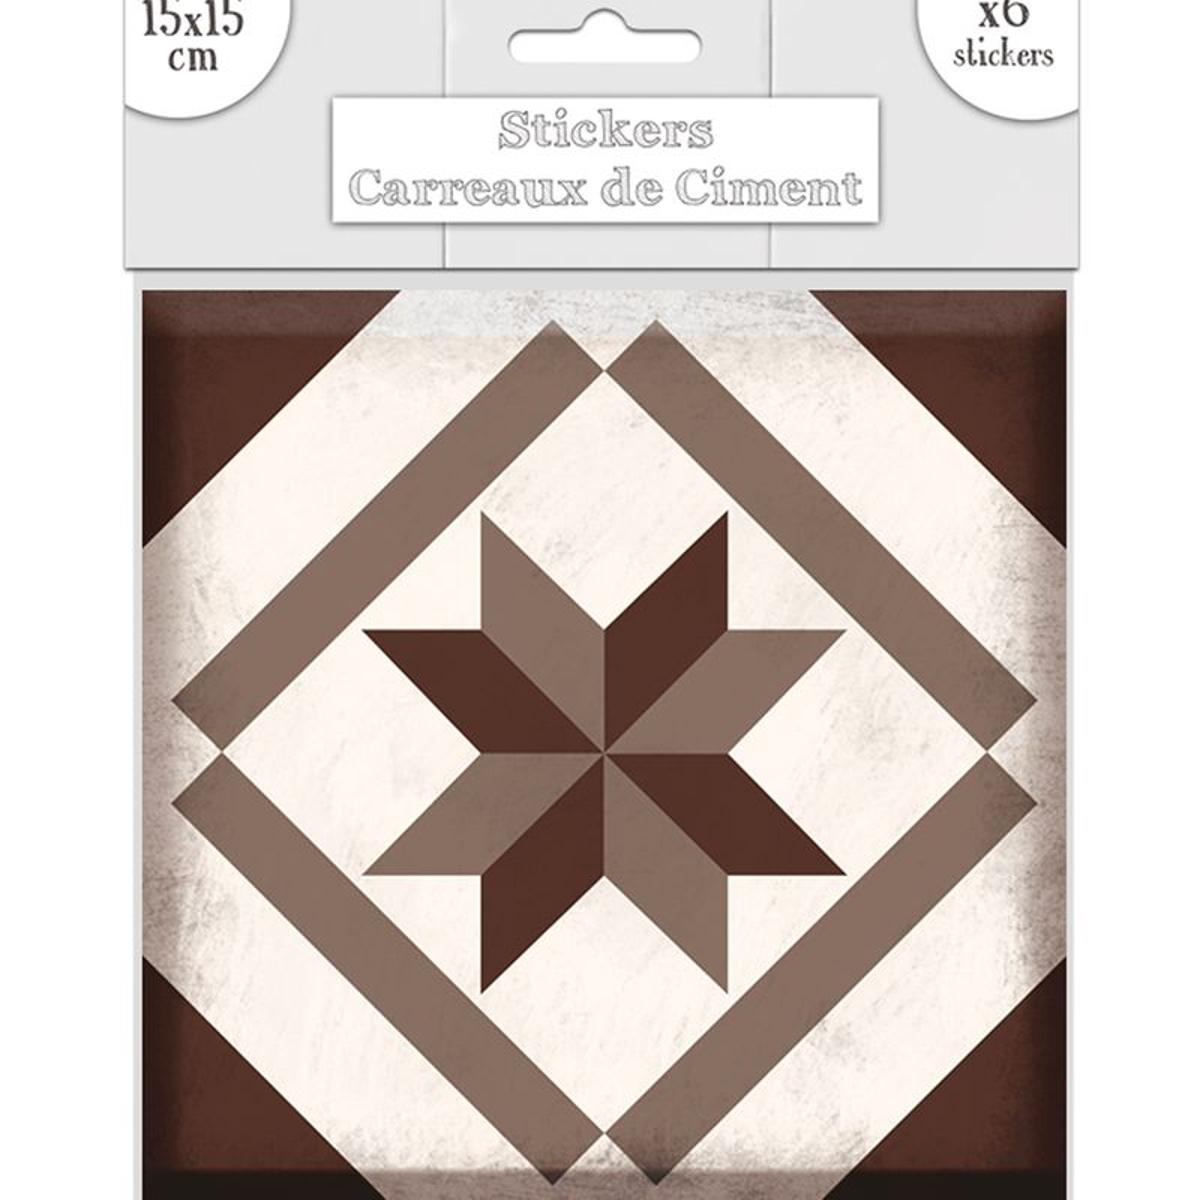 6 stickers carreaux de ciment gris et marron 15 x 15 cm